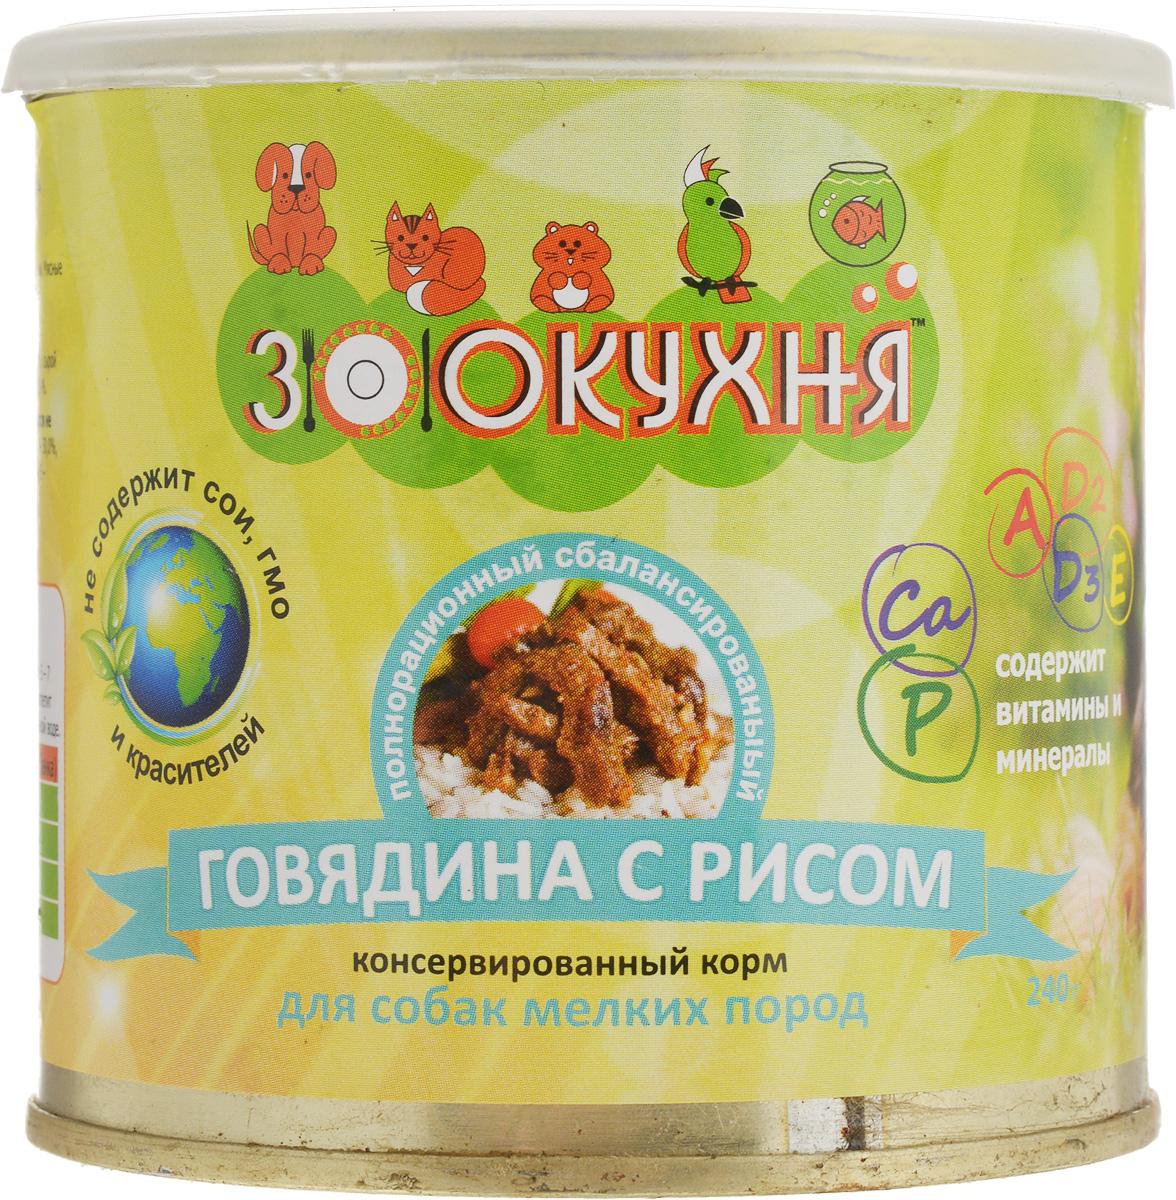 Консервы ЗооКухня, собак для мелких пород, с говядиной и рисом, 240 г14330